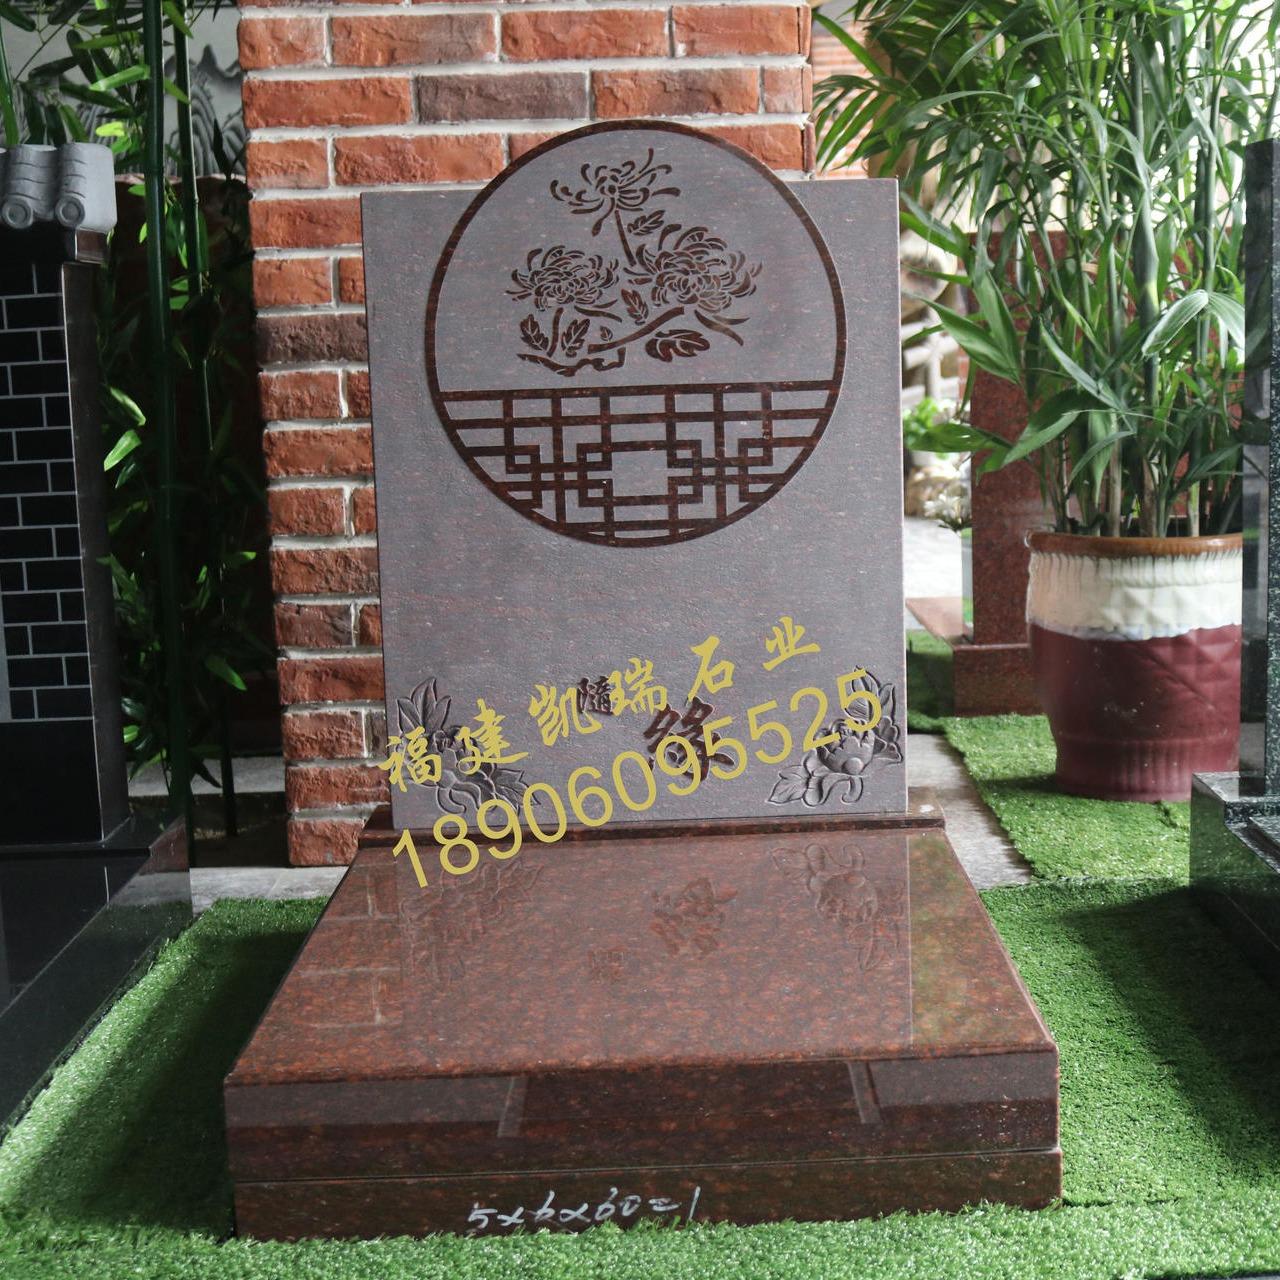 贵州墓碑厂家直销艺术墓碑 小型生态墓碑 定制个性化墓碑